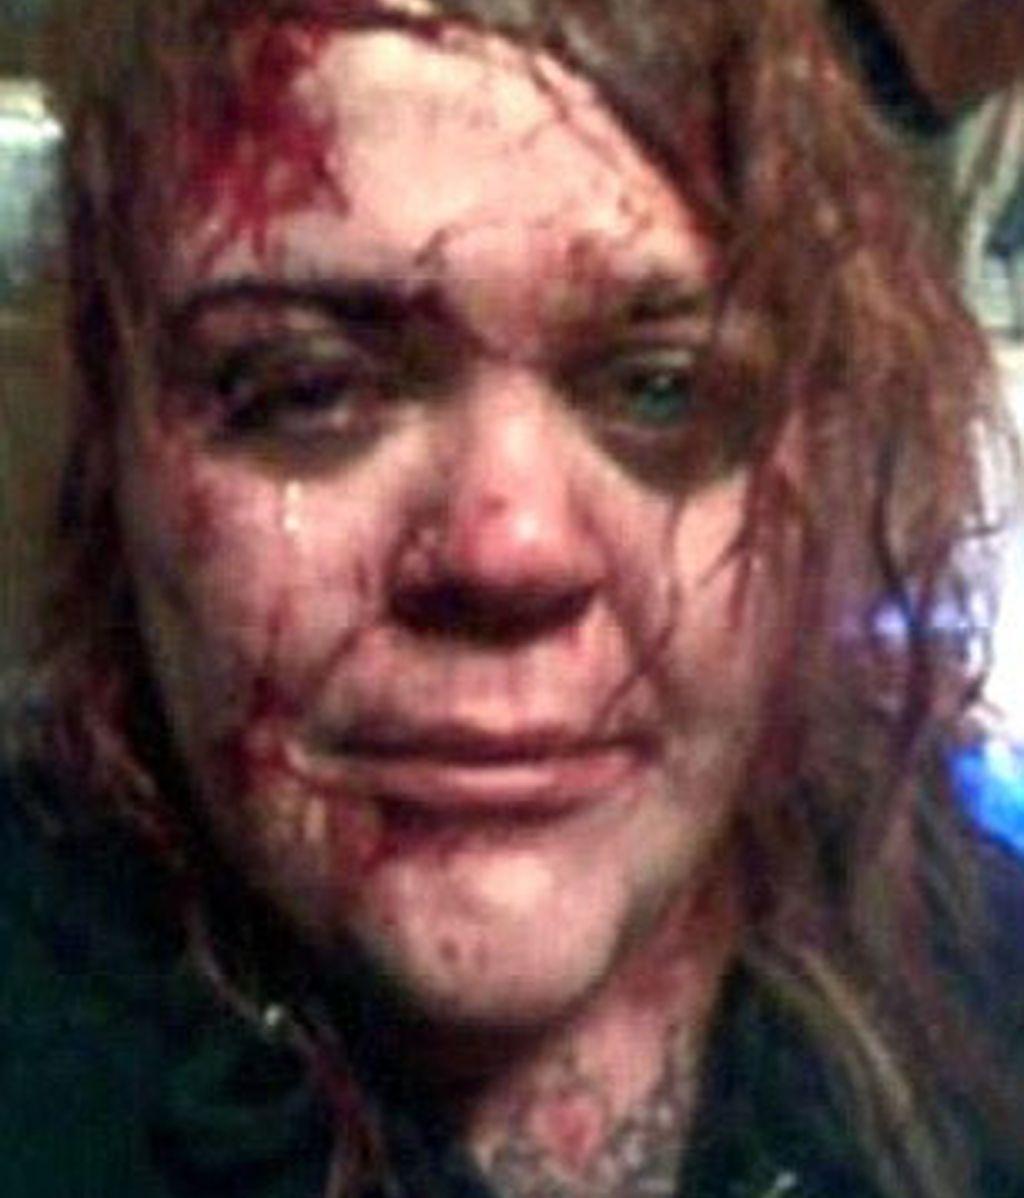 Una mujer cuelga un impactante 'selfie' en Facebook para buscar ayuda tras un ataque